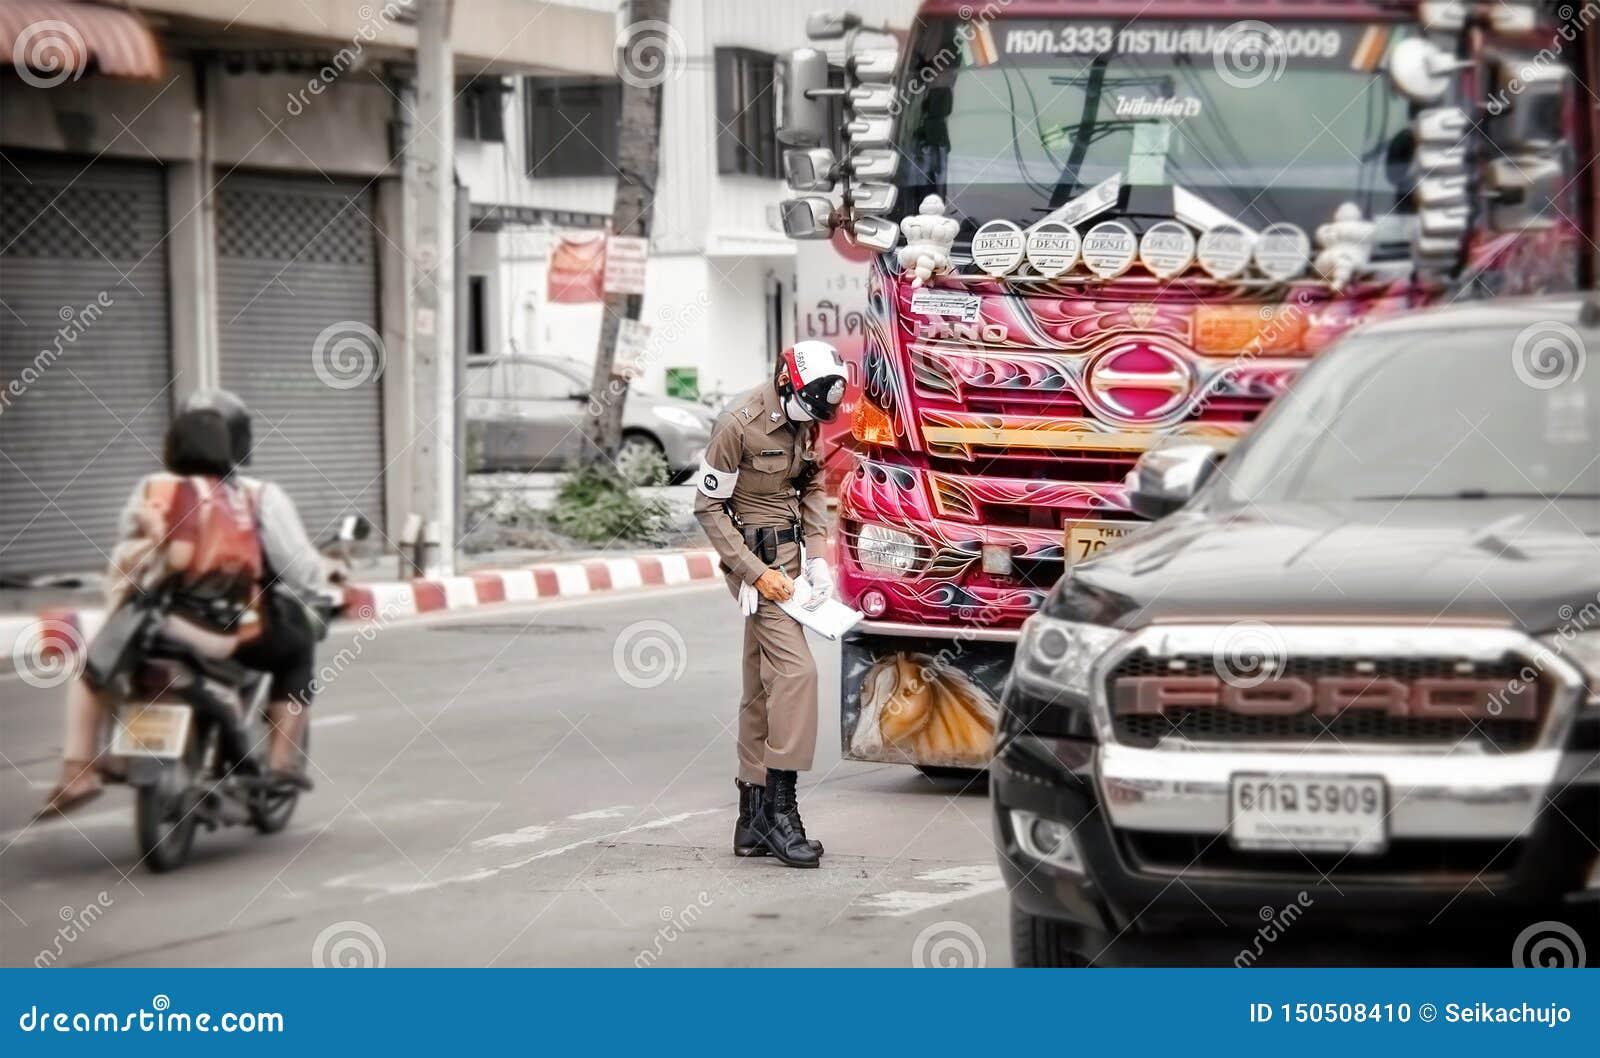 BANGKOK, THAILAND - JUNI 12: De naamloze verkeerspolitieagent geeft binnen een kaartje aan niet geïdentificeerde verkeersovertred